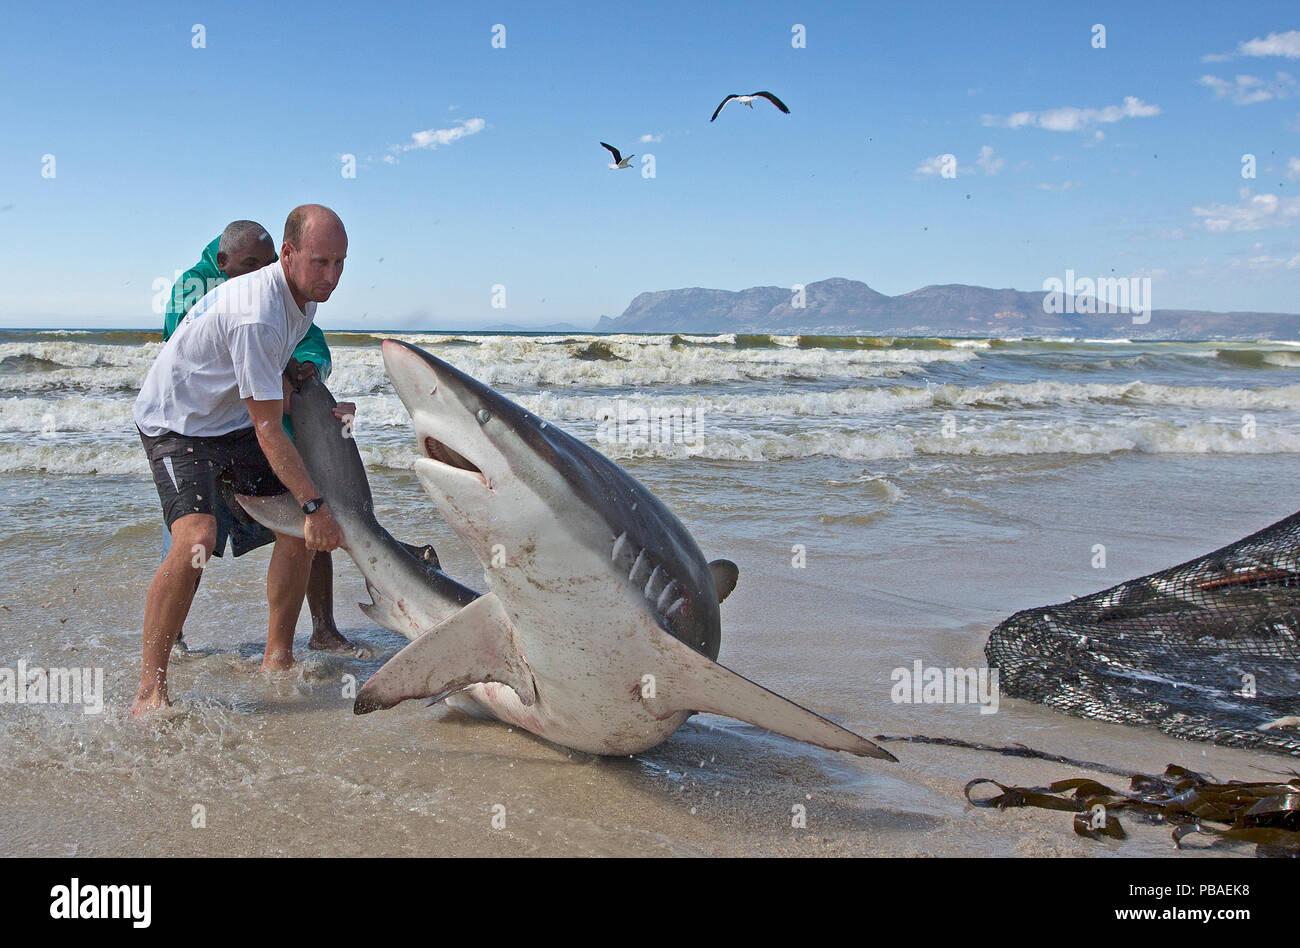 Requin baleinier Bronze (Carcharhinus brachyurus), pris dans la senne traditionnelle et publié par pêcheur, Muizenberg Beach, Cape Town, Afrique du Sud, janvier. Photo Stock